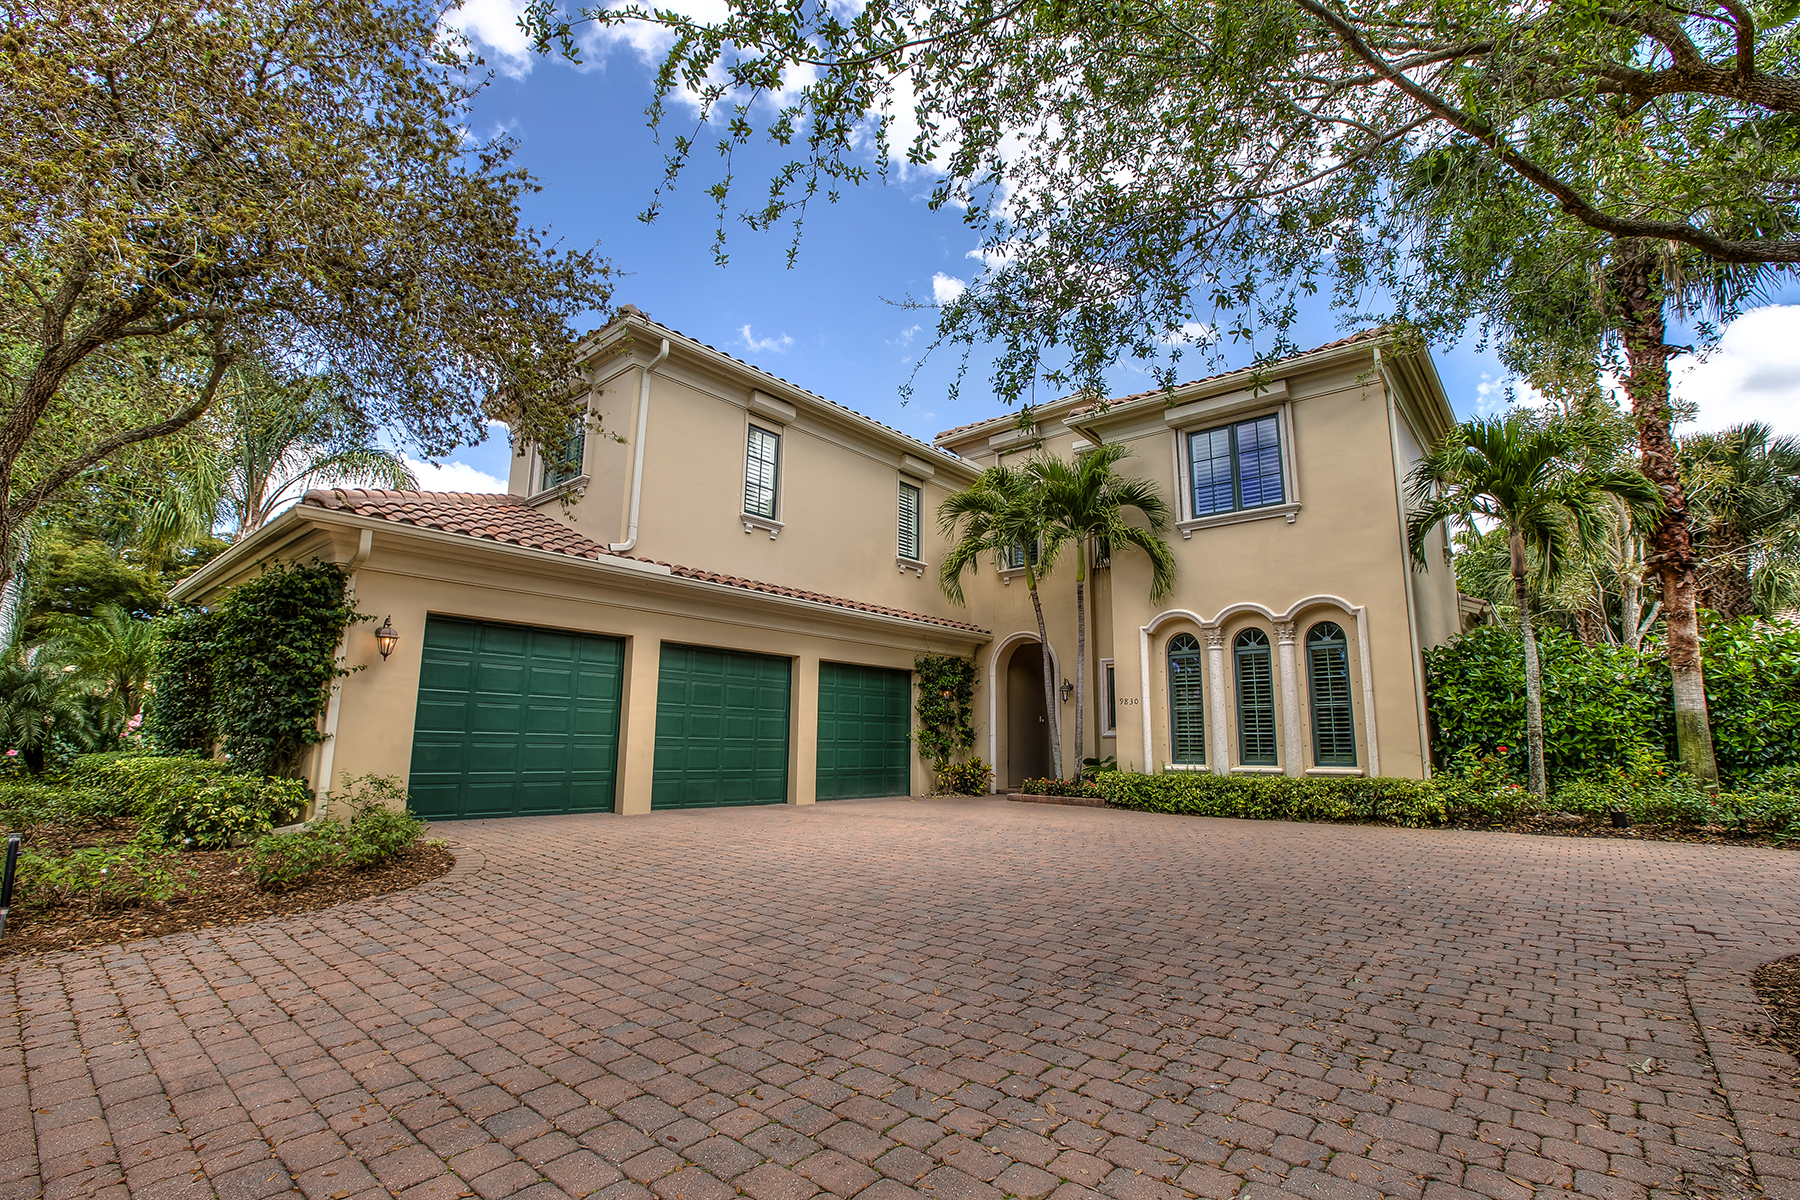 단독 가정 주택 용 매매 에 SWEET BAY 9830 Bay Meadow Estero, 플로리다, 34135 미국